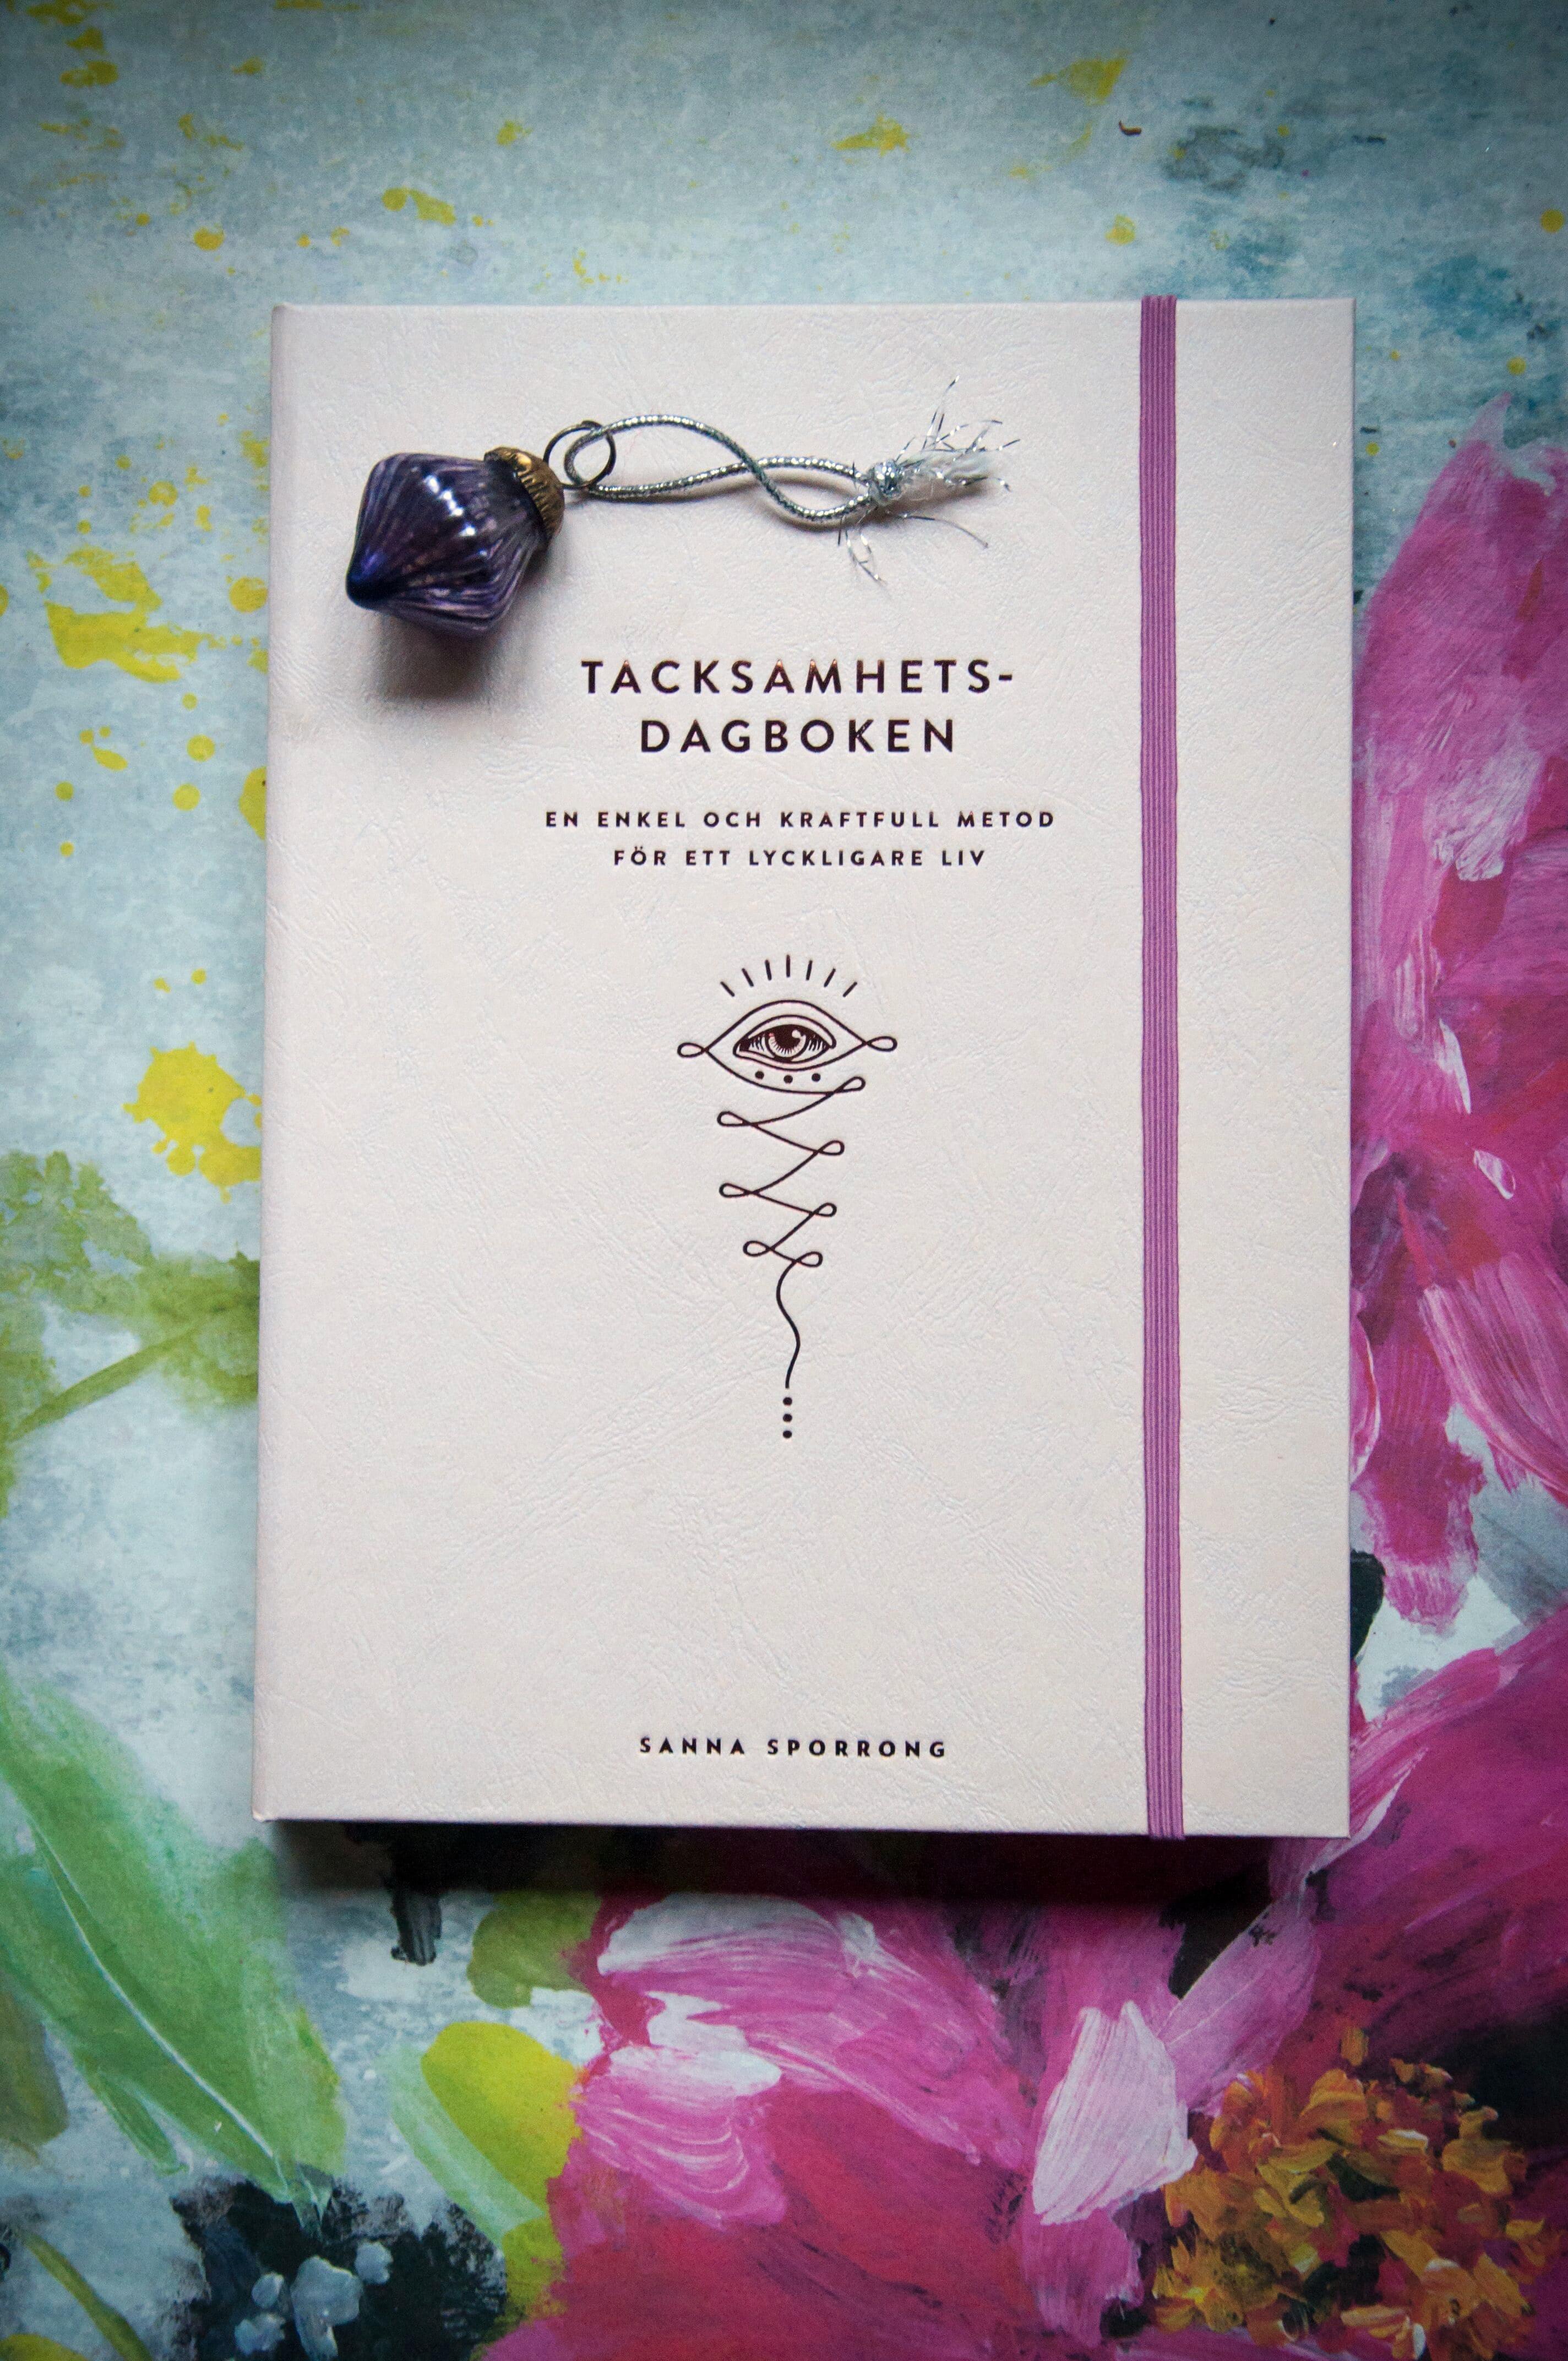 Hårda klappar - Bästa böckerna du ger bort i julklapp. Tacksamhetsdagboken av Sanna Sporrong. Foto: Leonor Juhl K